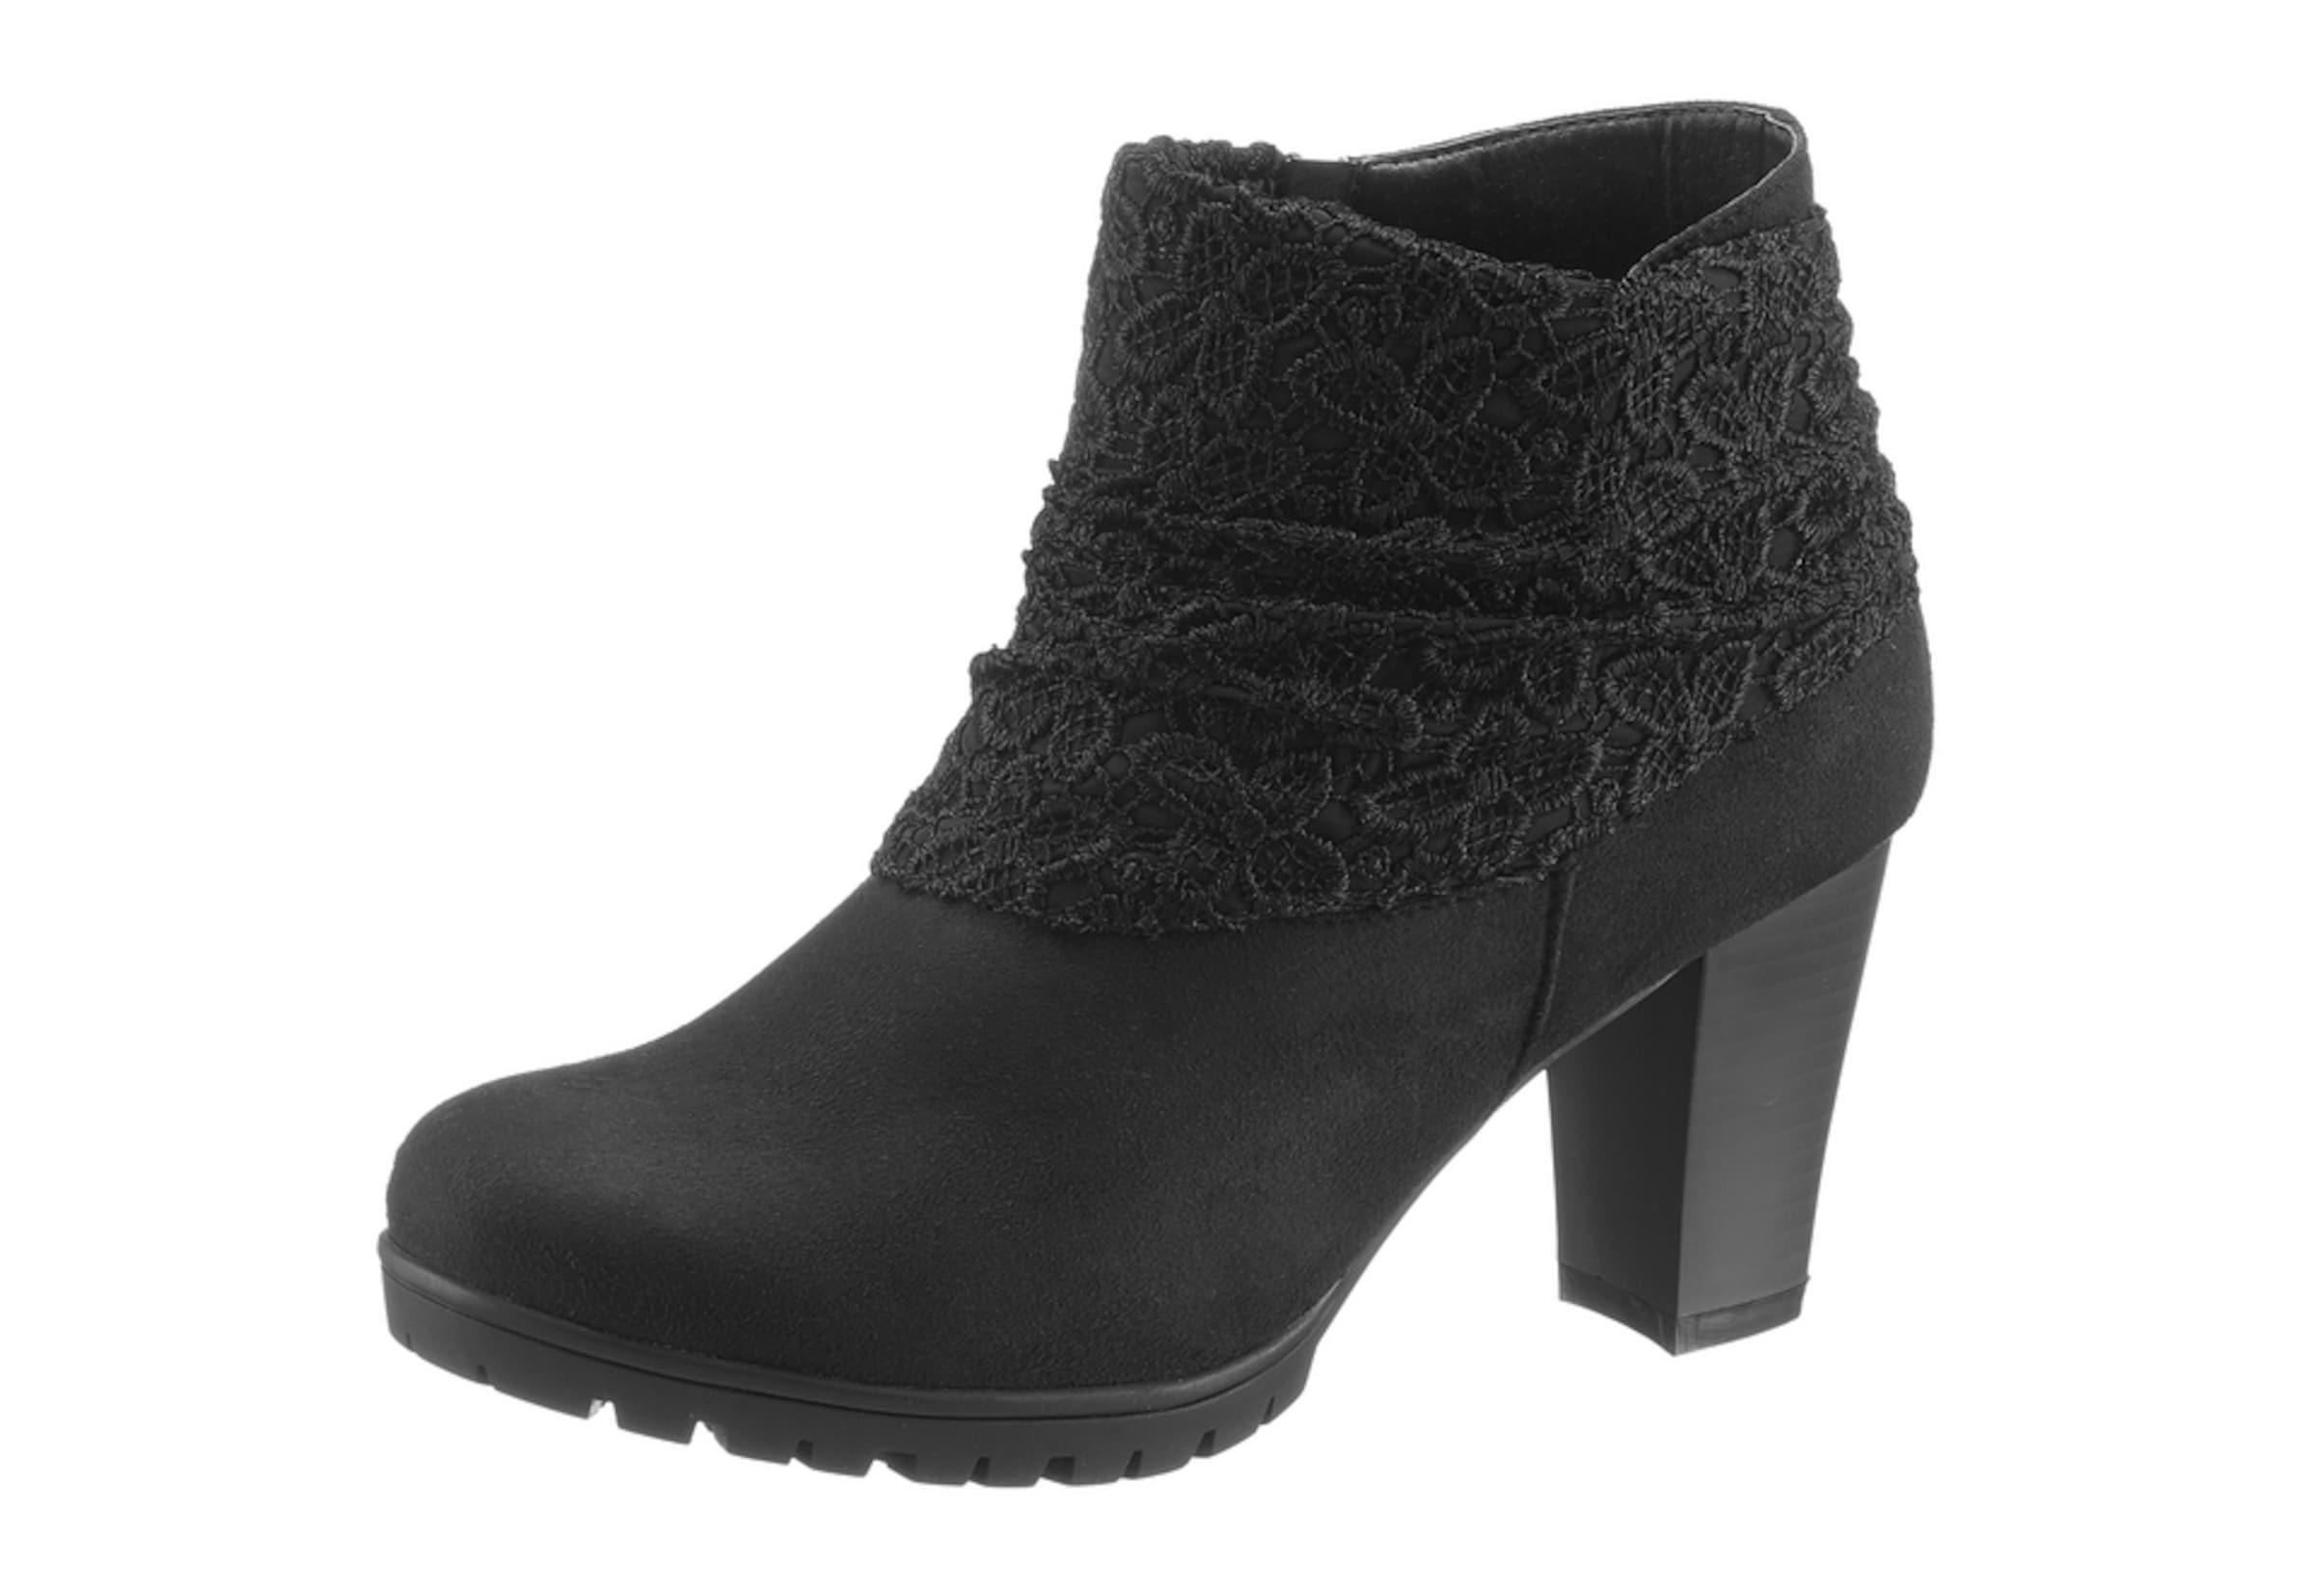 CITY WALK Stiefelette Günstige und langlebige Schuhe